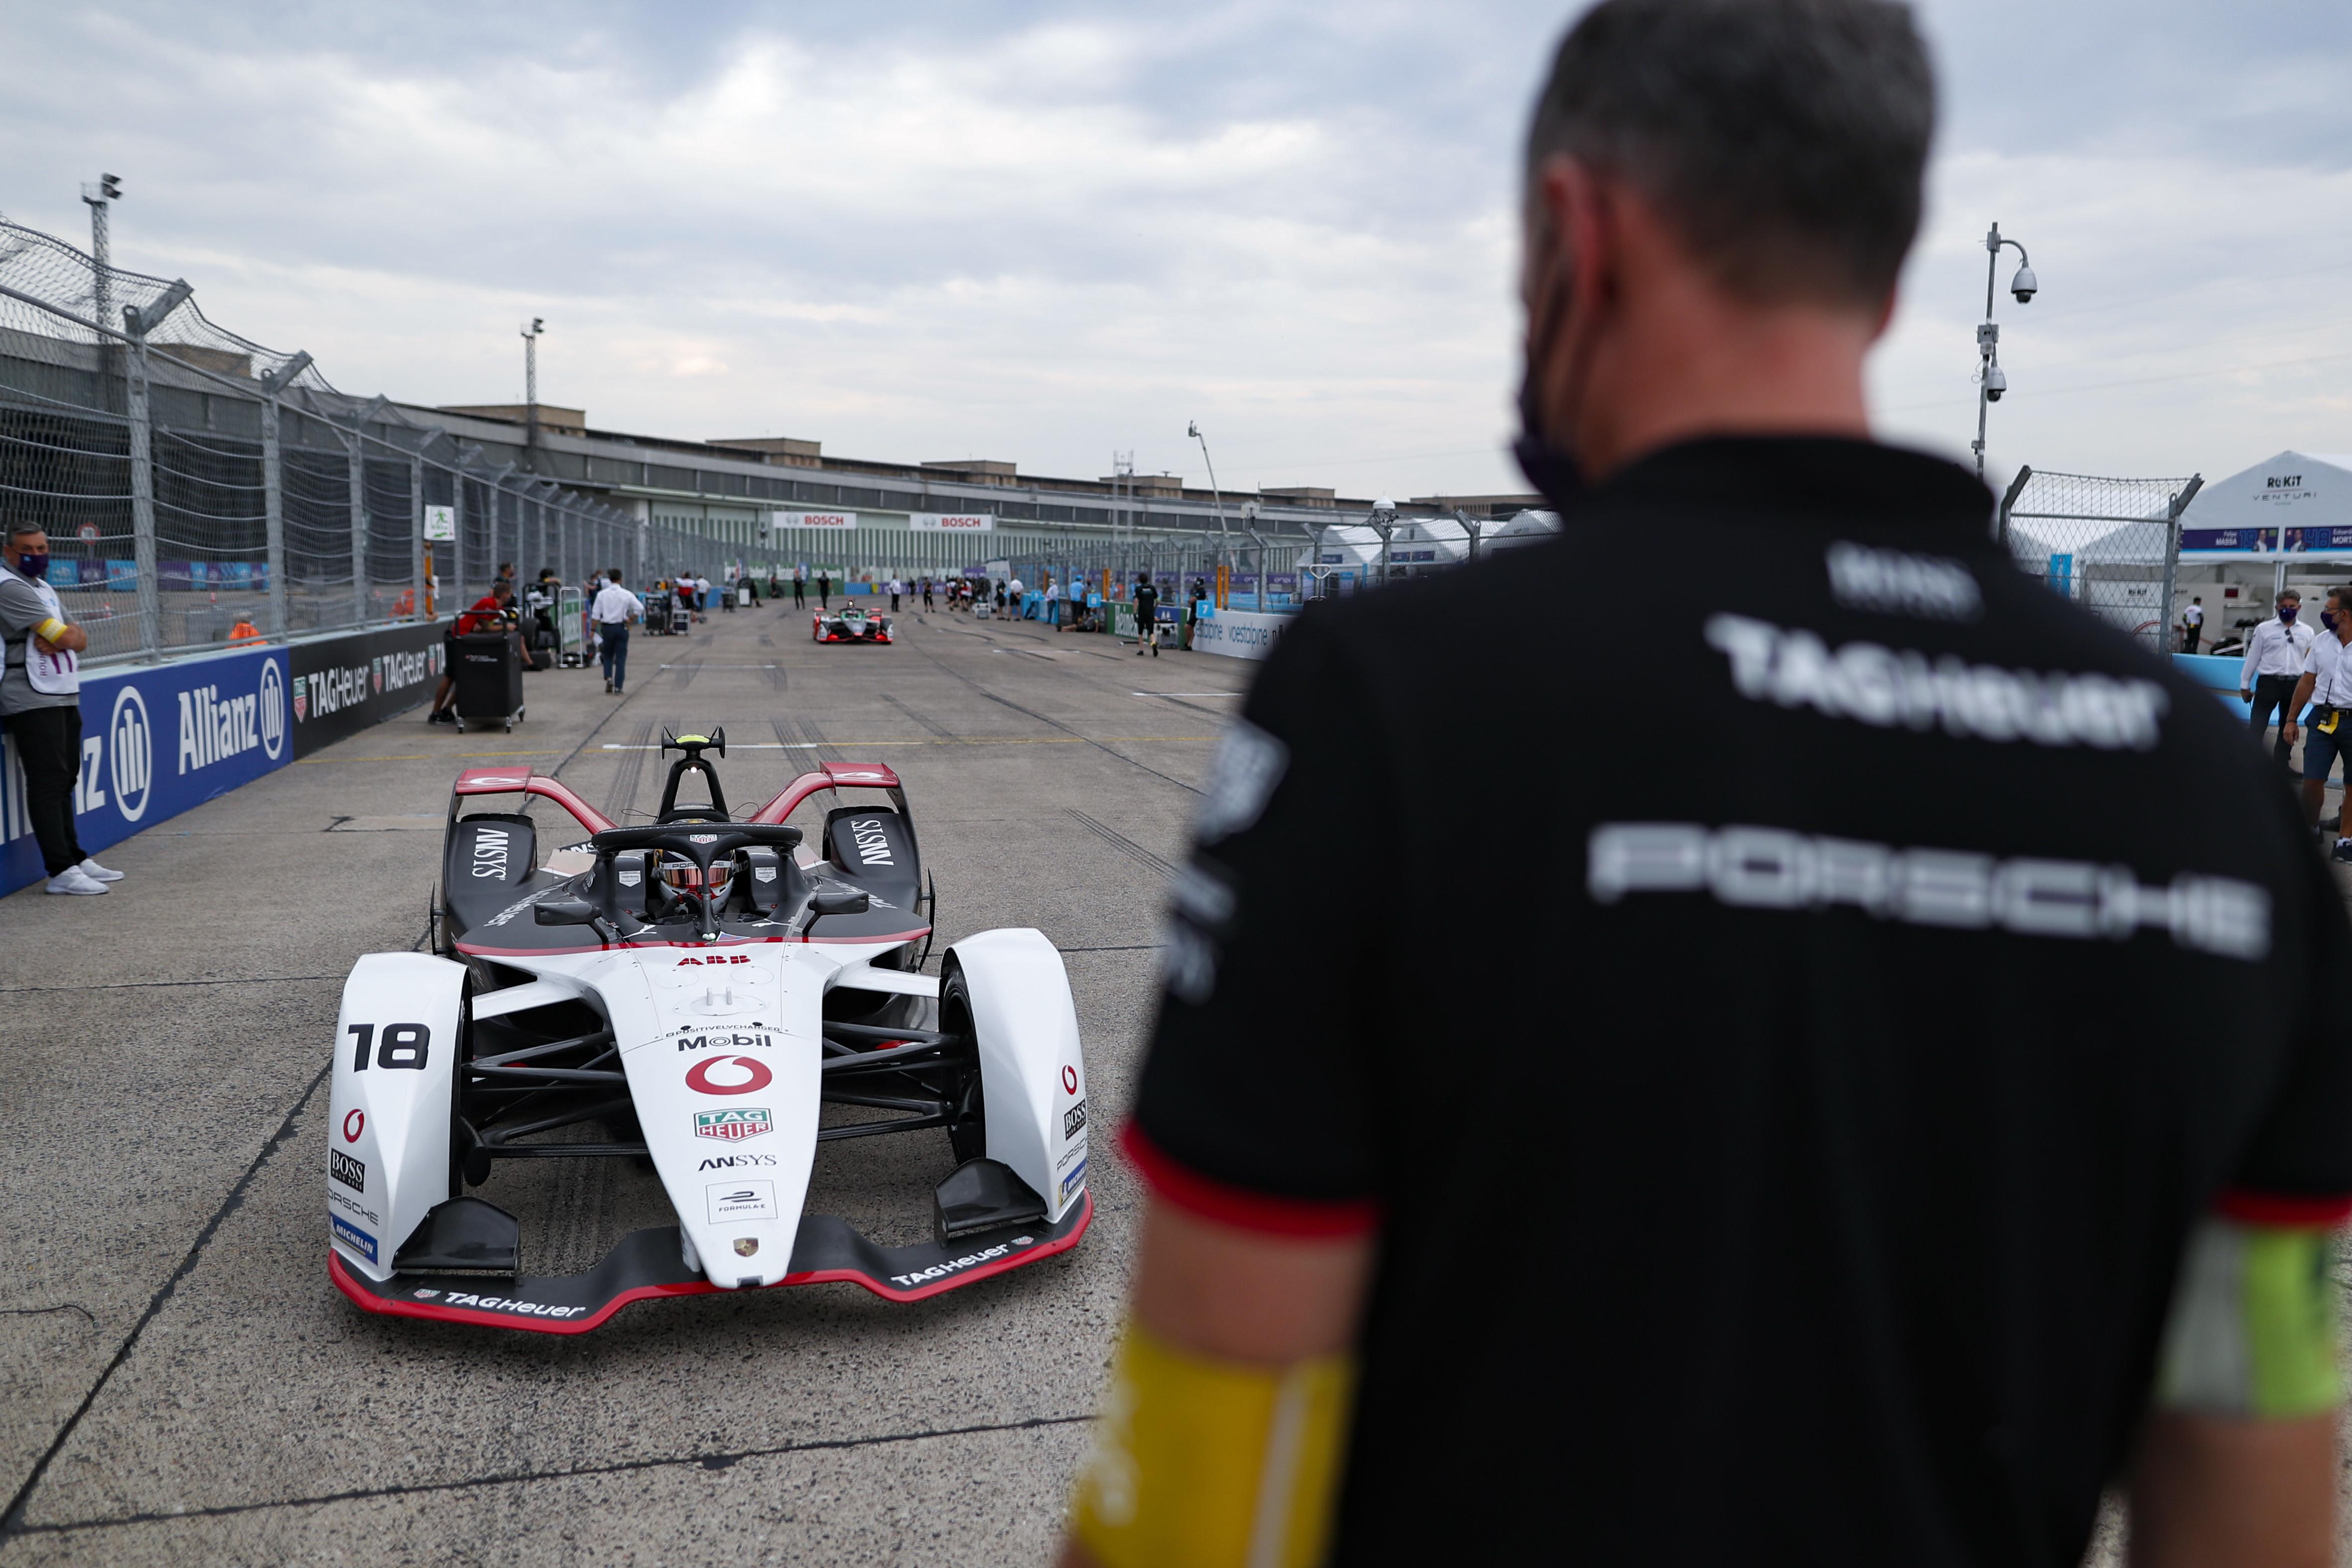 Doppietta Mercedes nell&#39;ultima gara della stagione, Vandoorne vince davanti a De Vries e Buemi<br /><br />